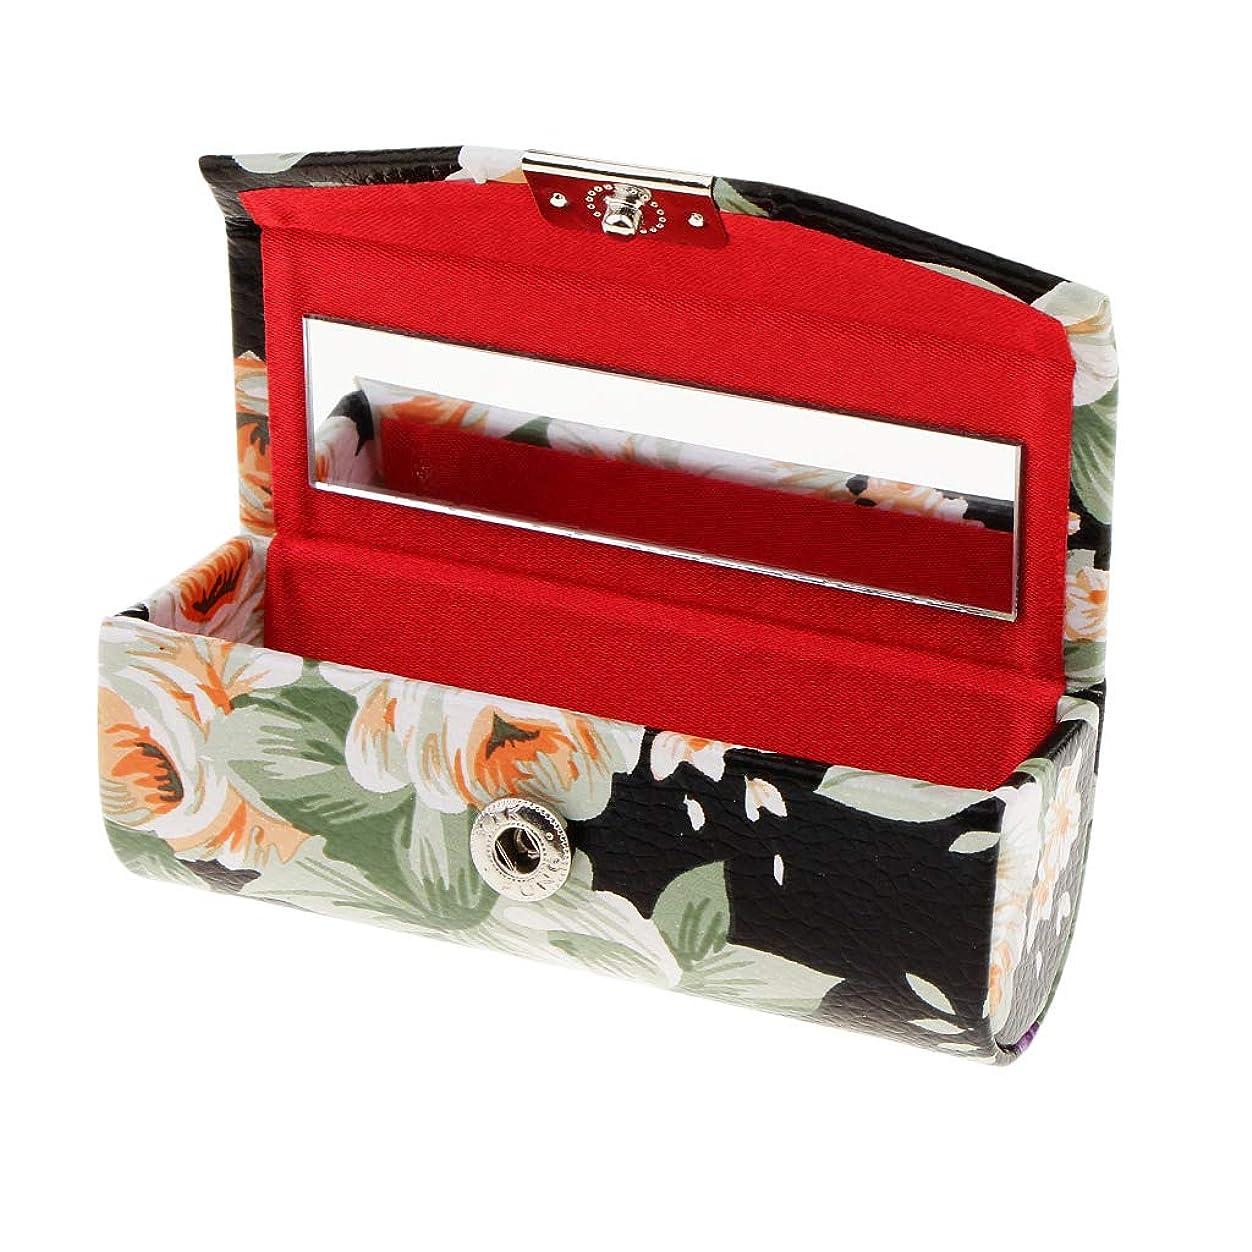 硬さ藤色接続詞KESOTO リップスティックケース ミラー付き 革製 宝石 メイクアップ 口紅 メイクアップ 収納ホルダー  5色選べ - ブラック